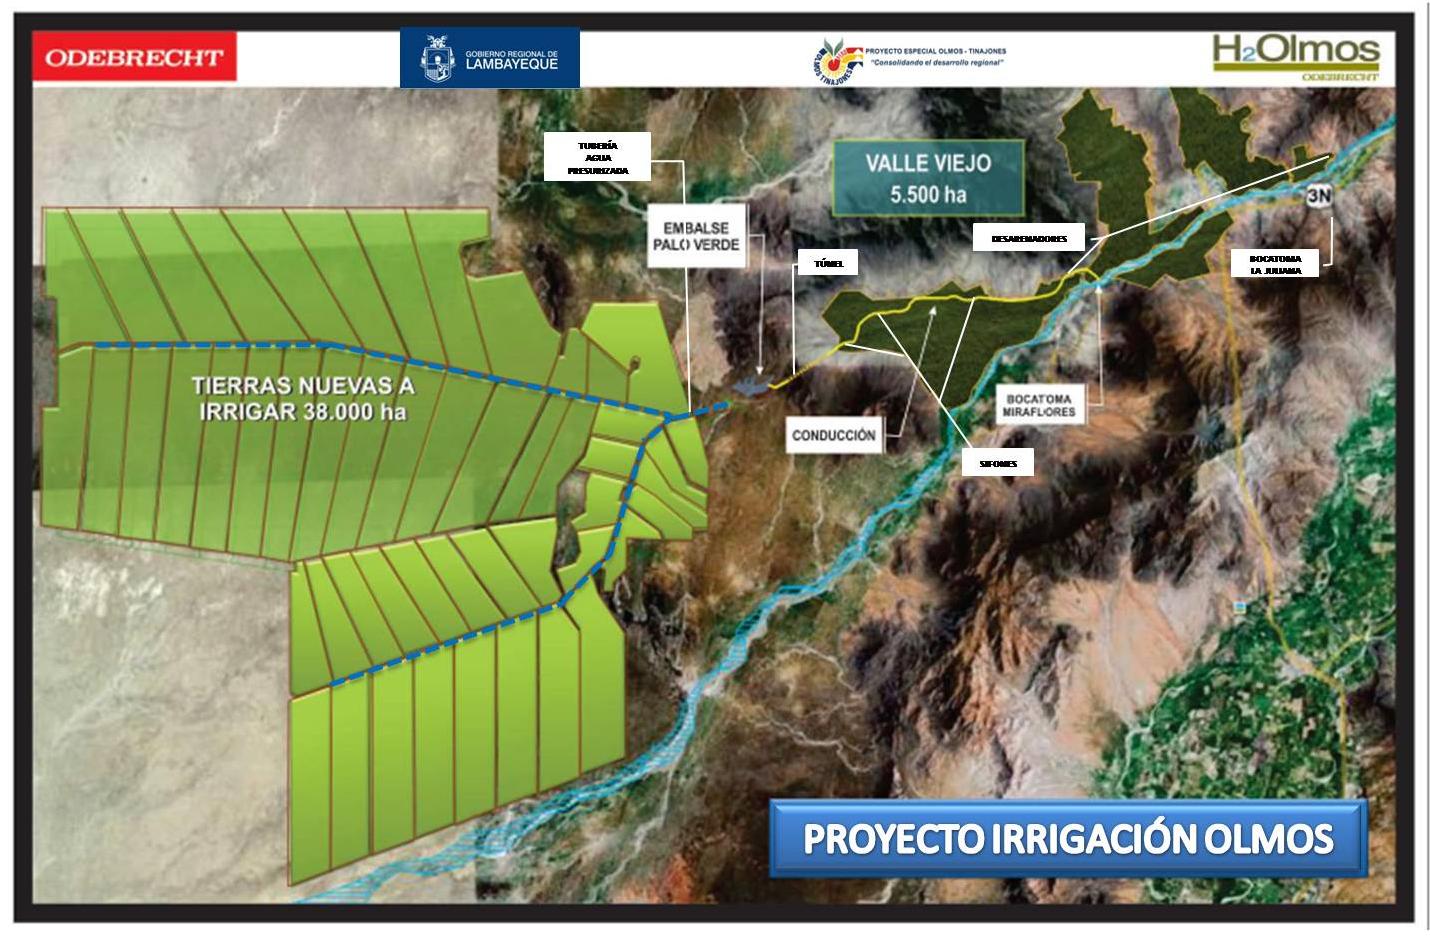 Proyecto Irrigación Olmos